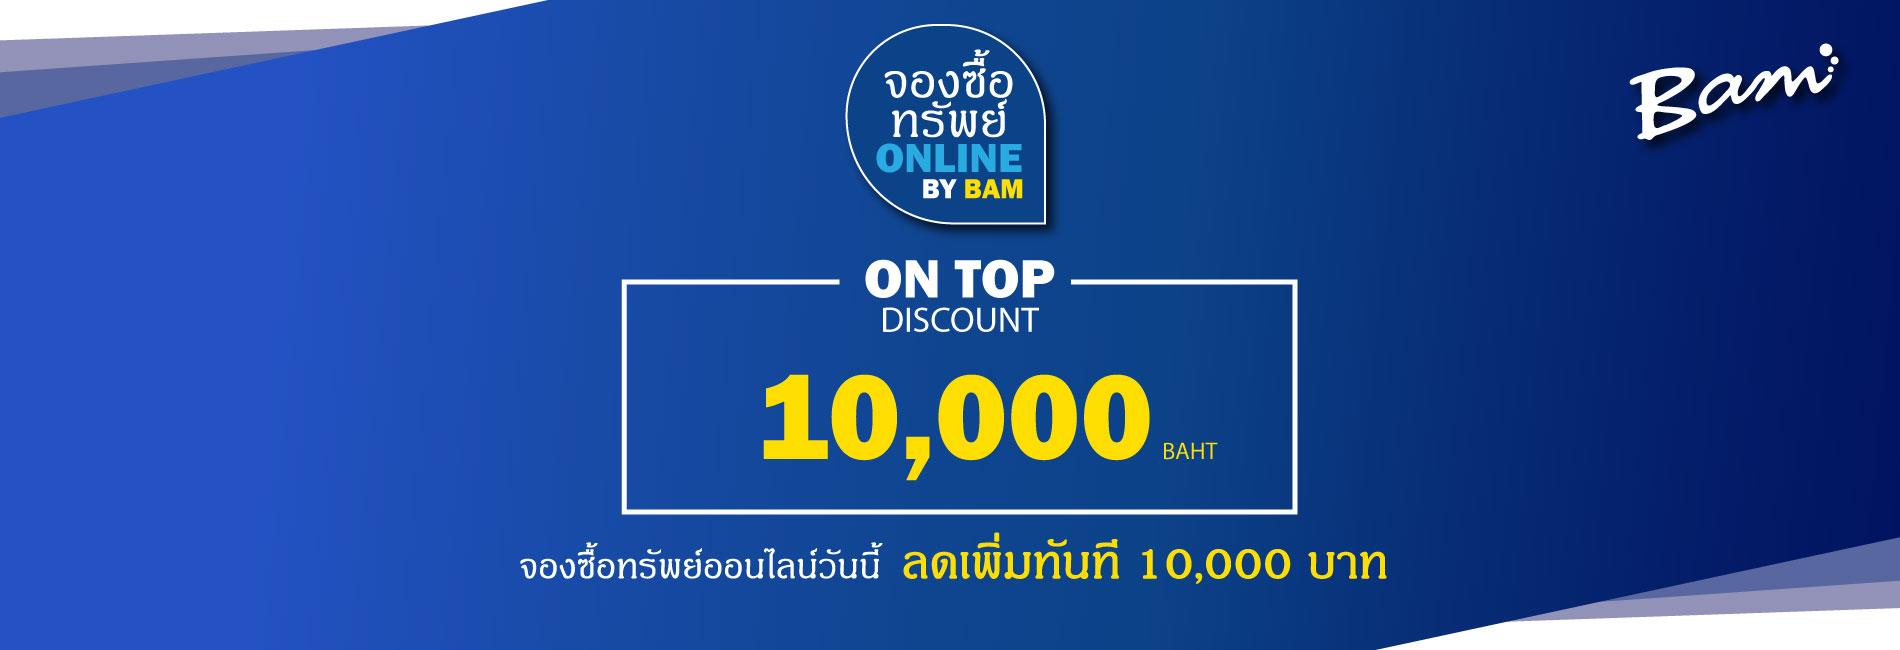 จองซื้อออนไลน์ลด10,000